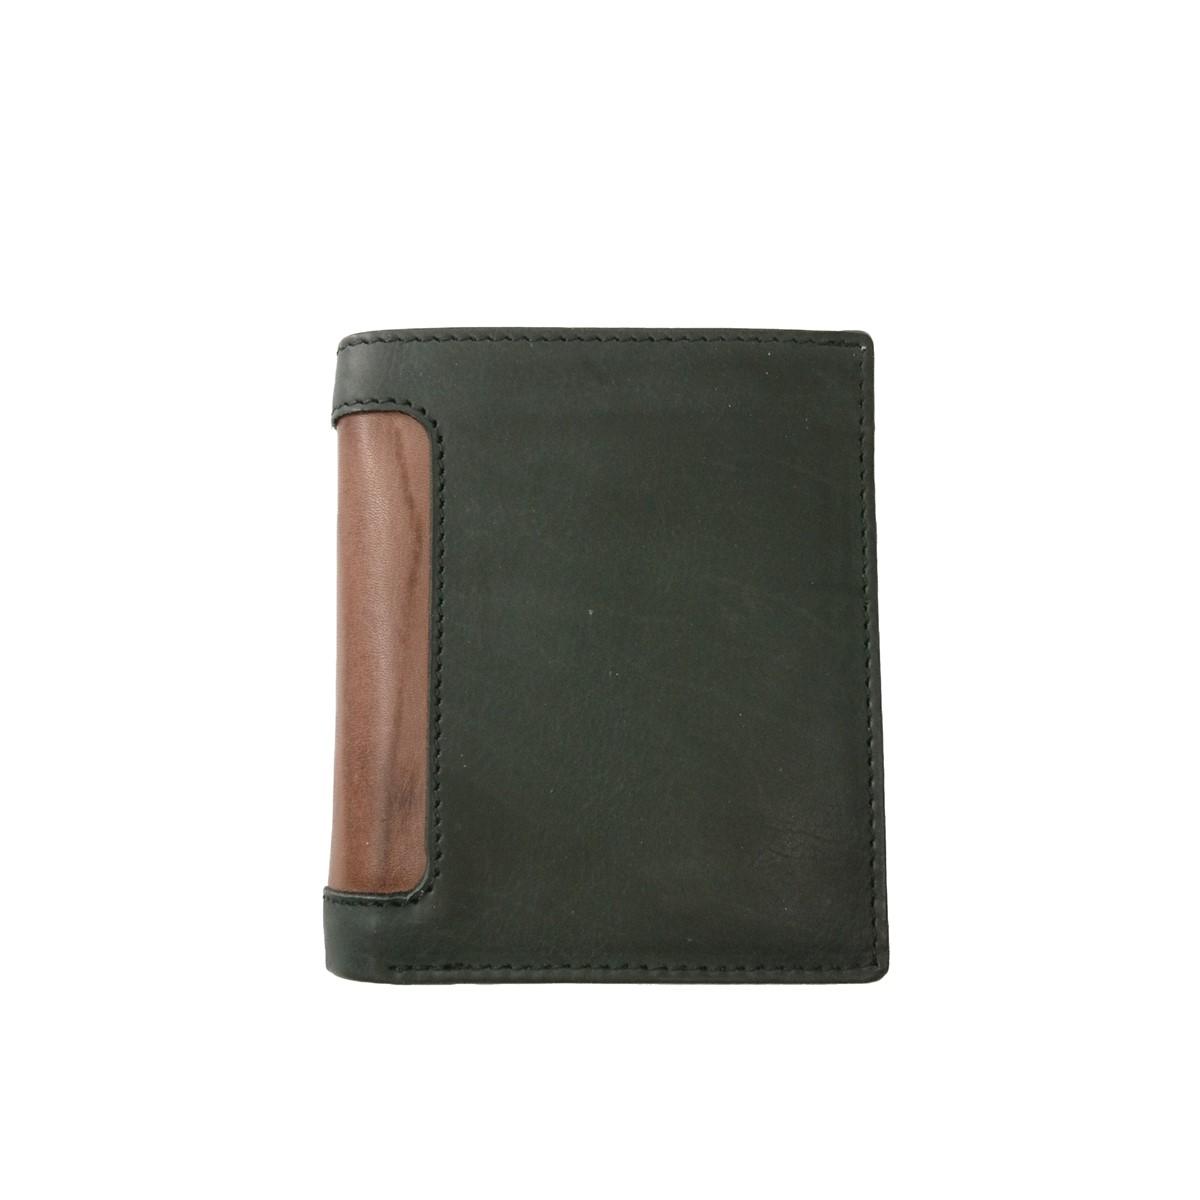 Πορτοφόλι Ανδρικό Μικρό 1801.Β Μαύρο